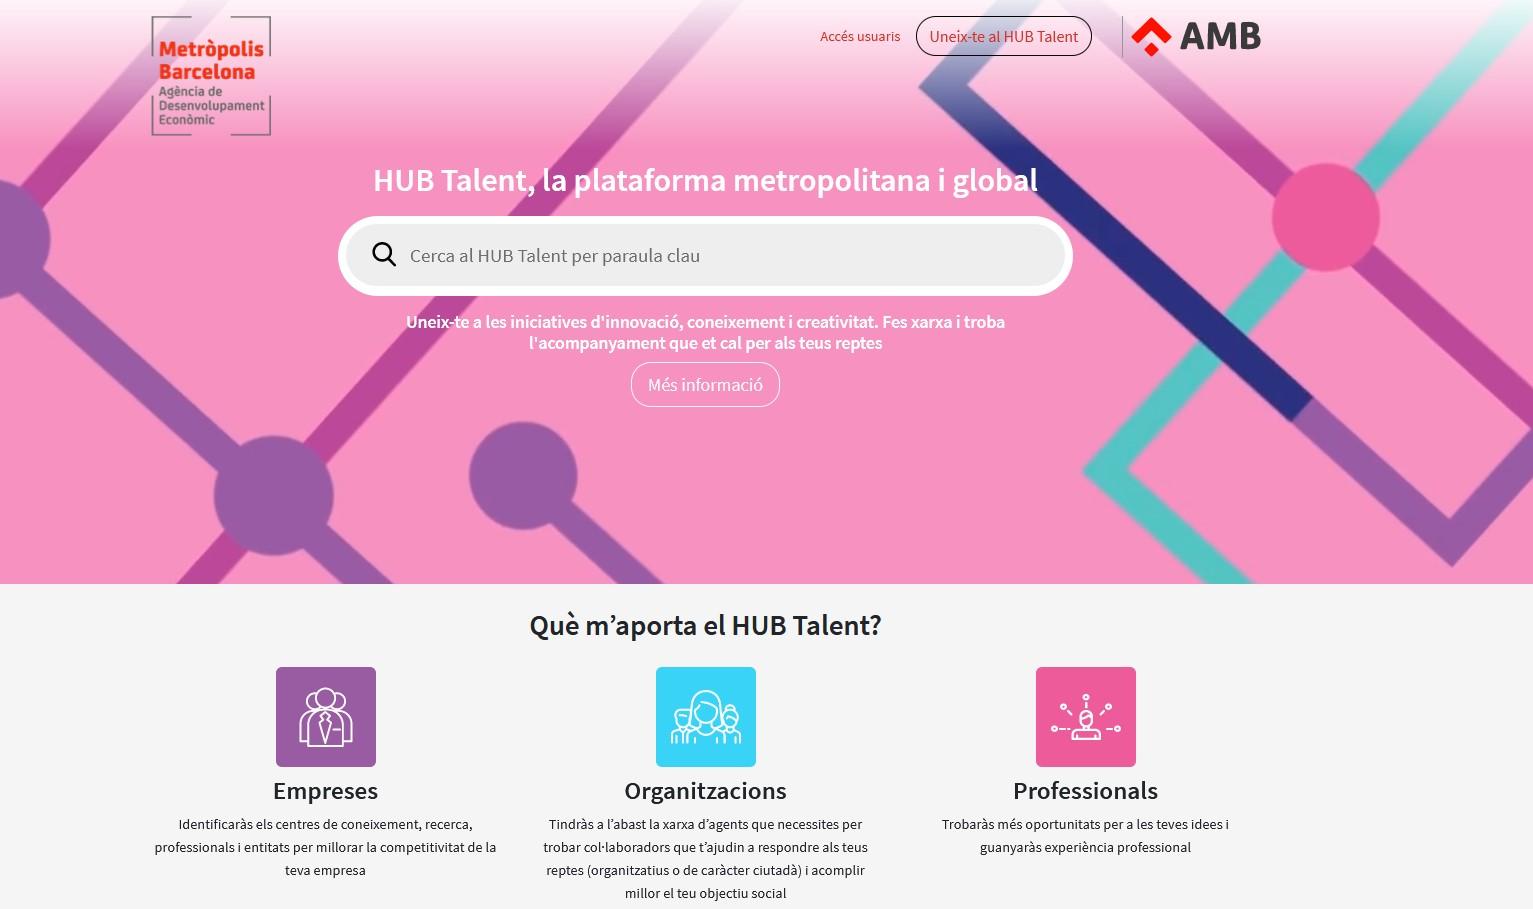 ¿Qué es el HUB Talent Metrópolis Barcelona?